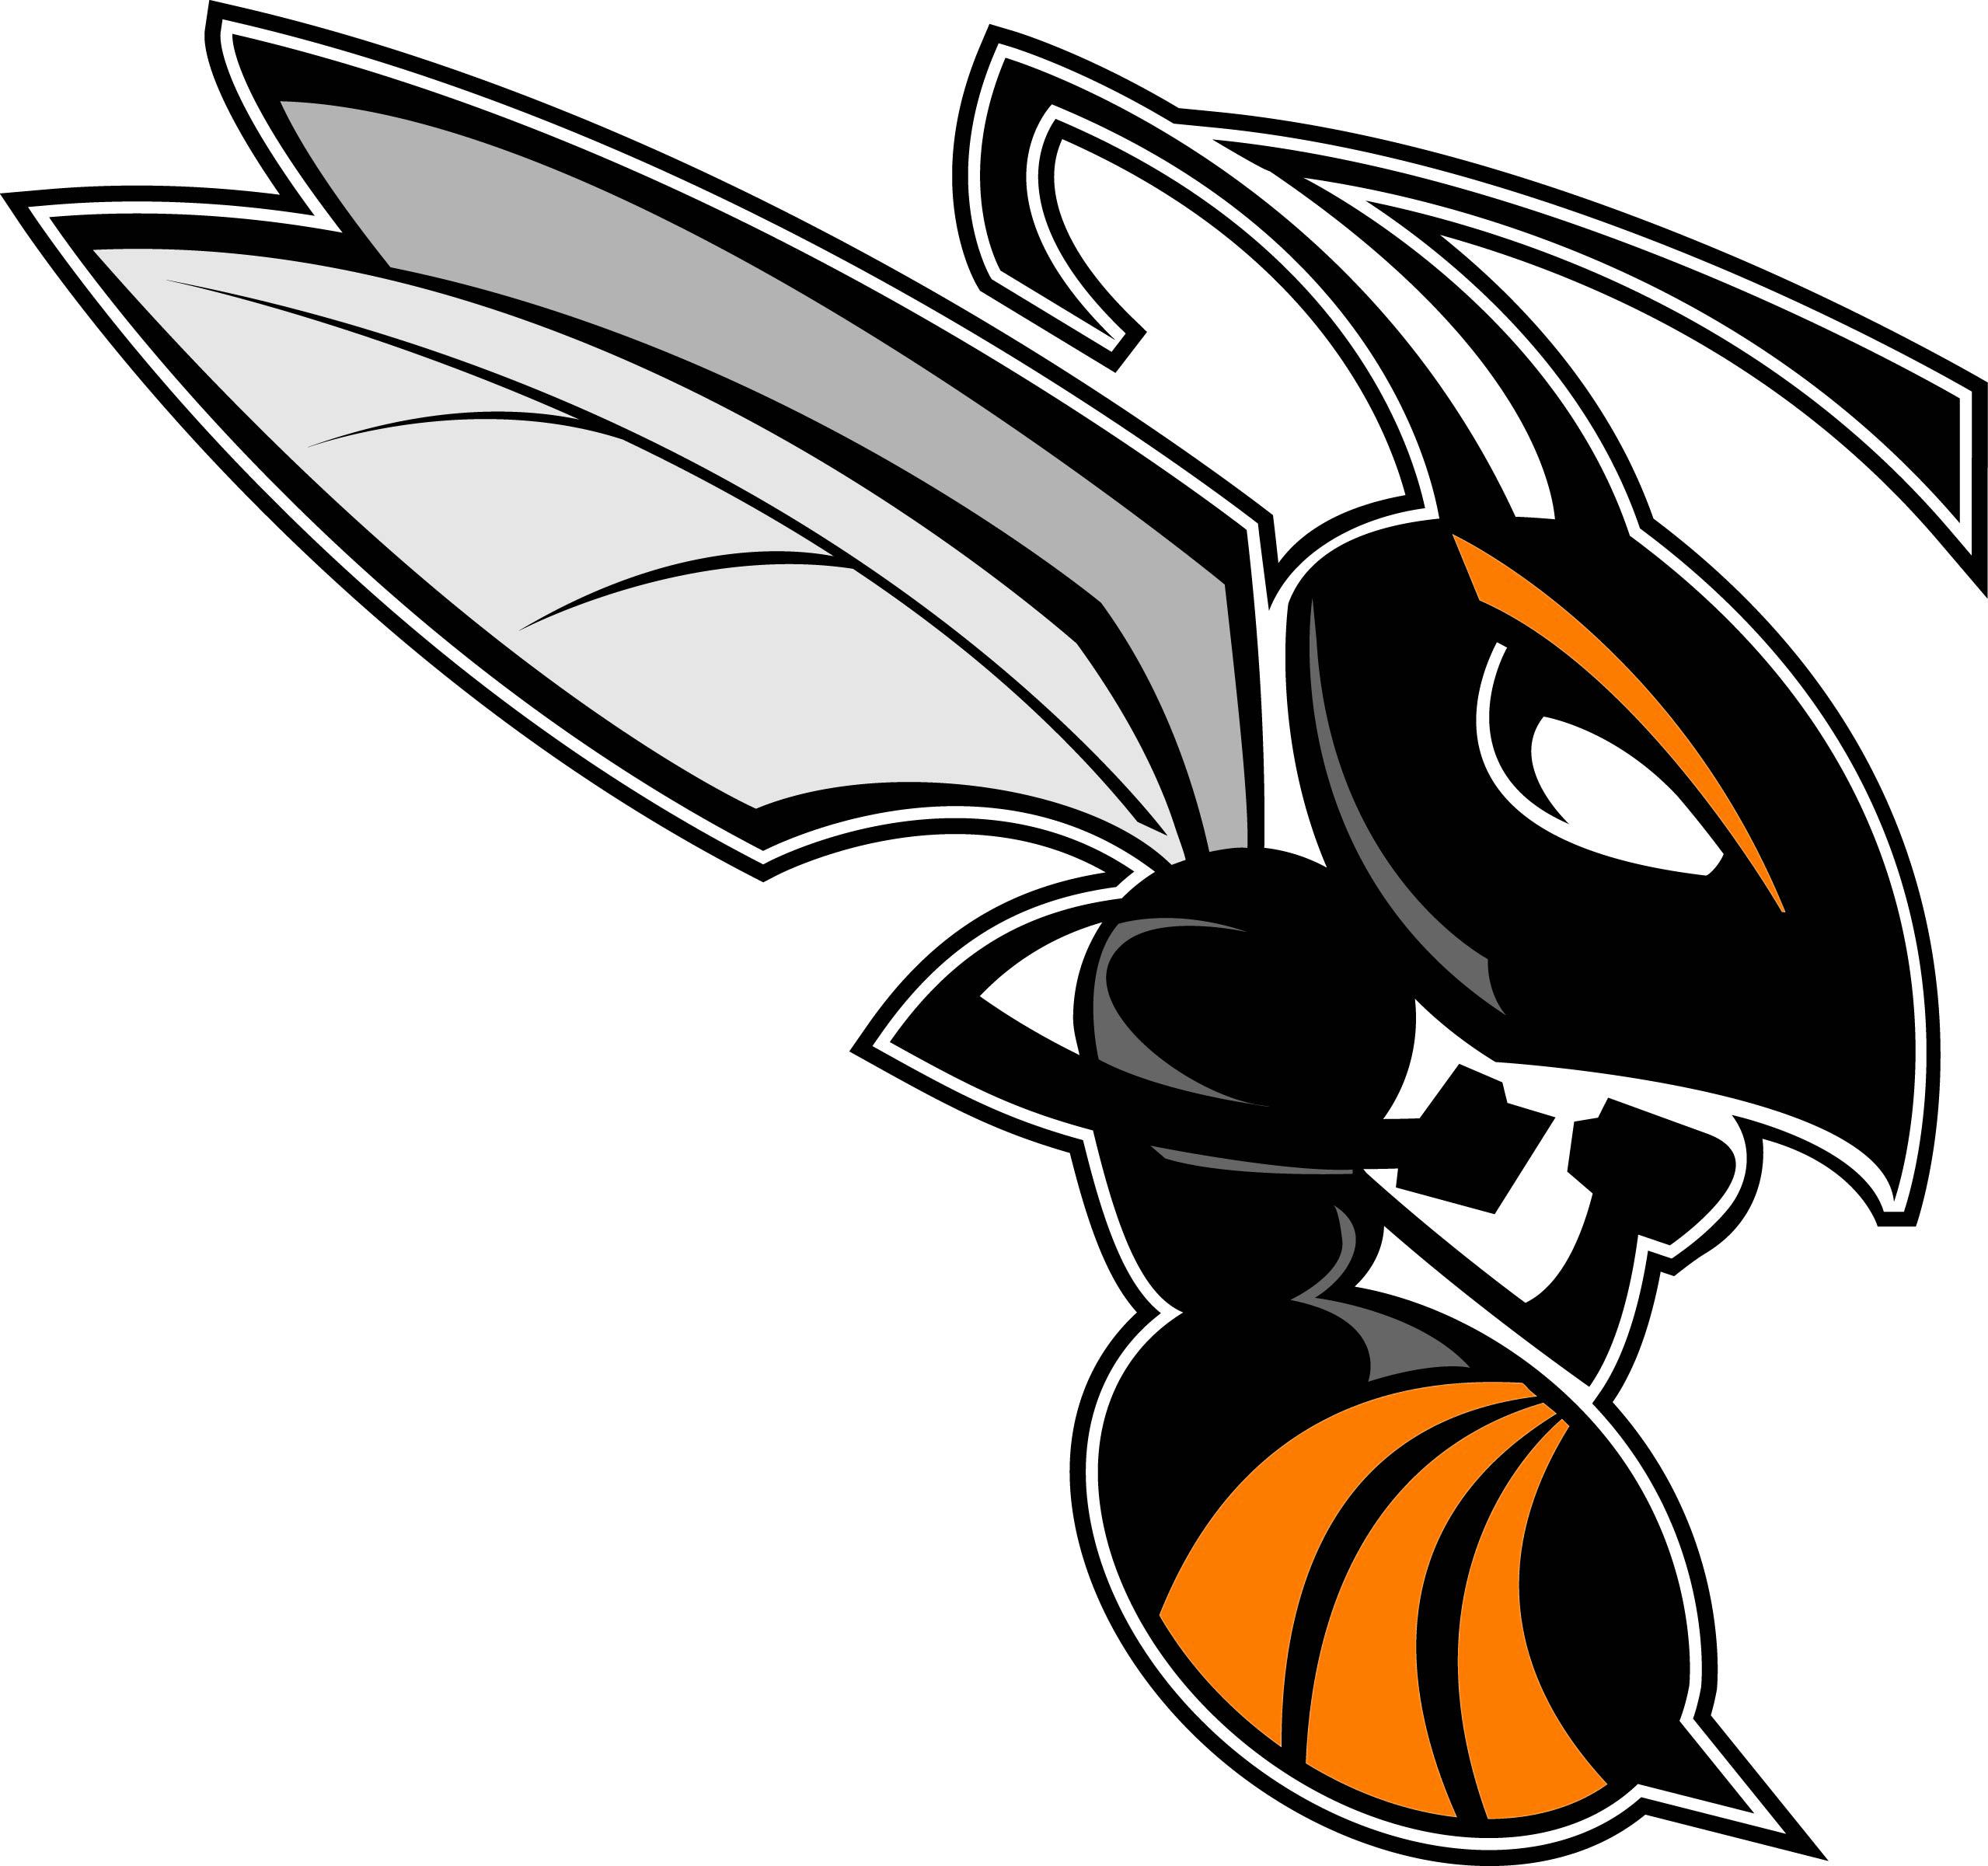 Hornet logo clipart.